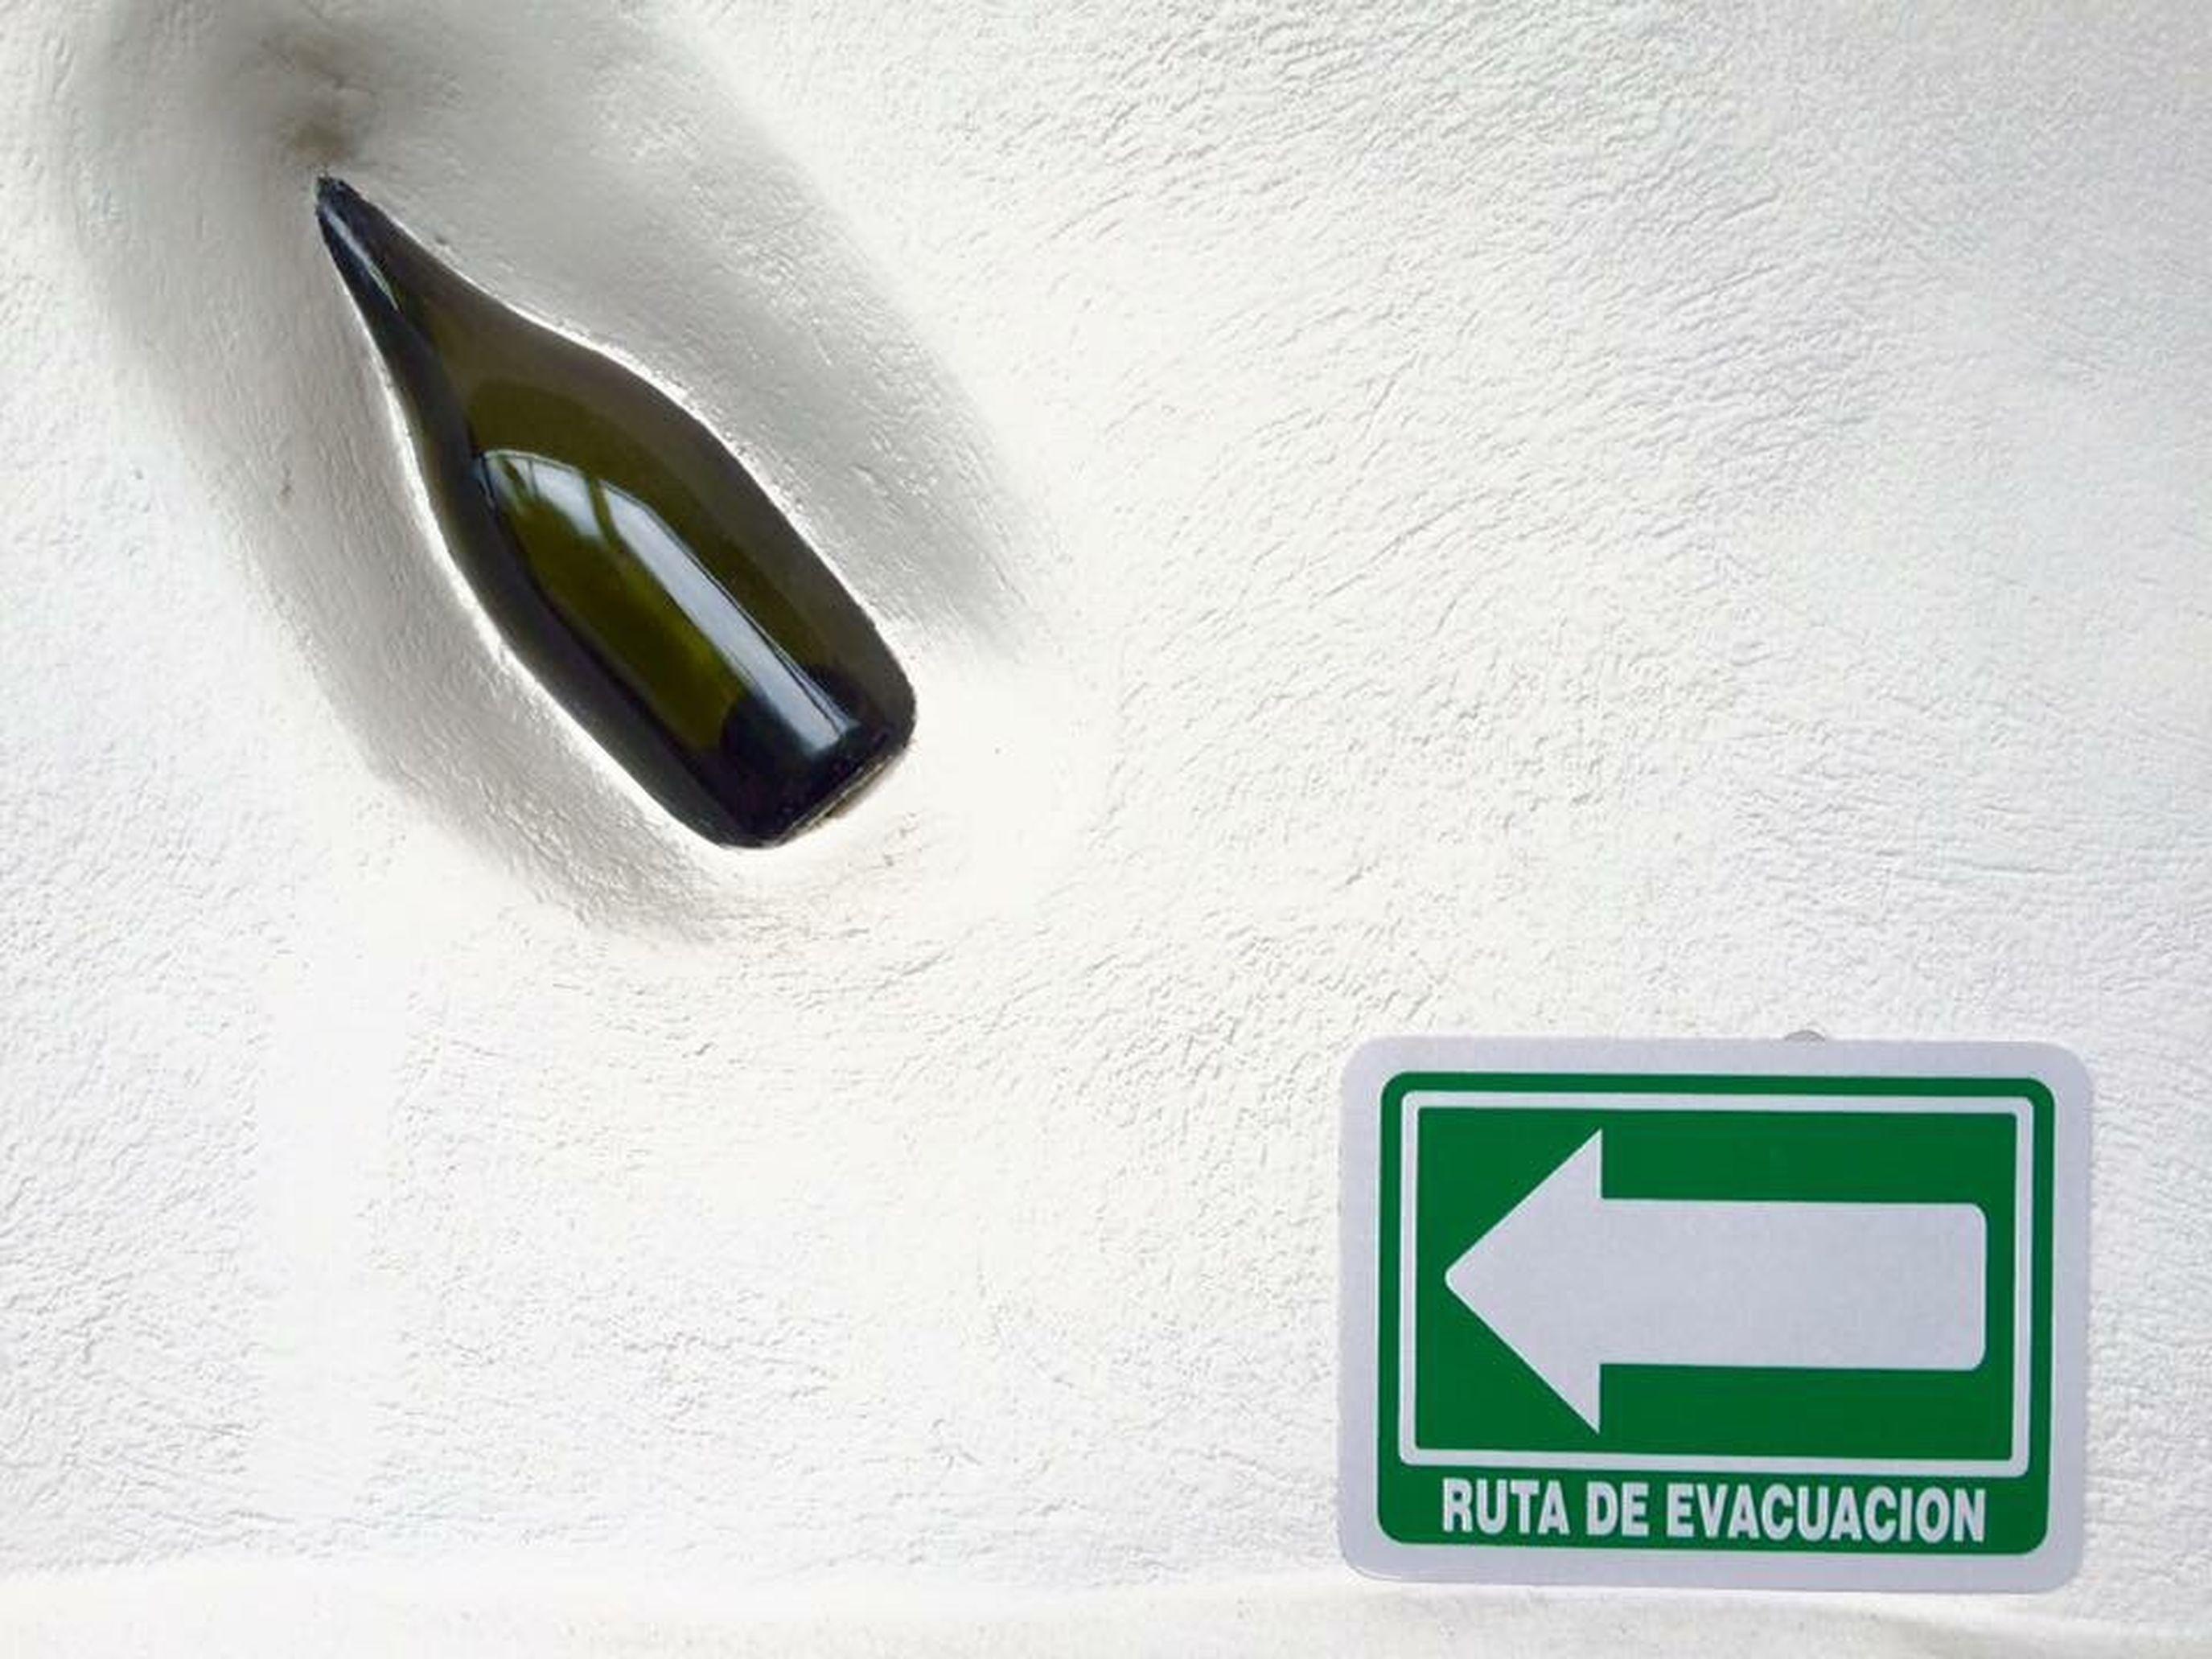 EXIT No People Indoors  Signals Bottle Bottles Collection Bottle Art Evacuation Evacuacion Auxilio Salida Protección Civil Bebidas Botellas Decorativas